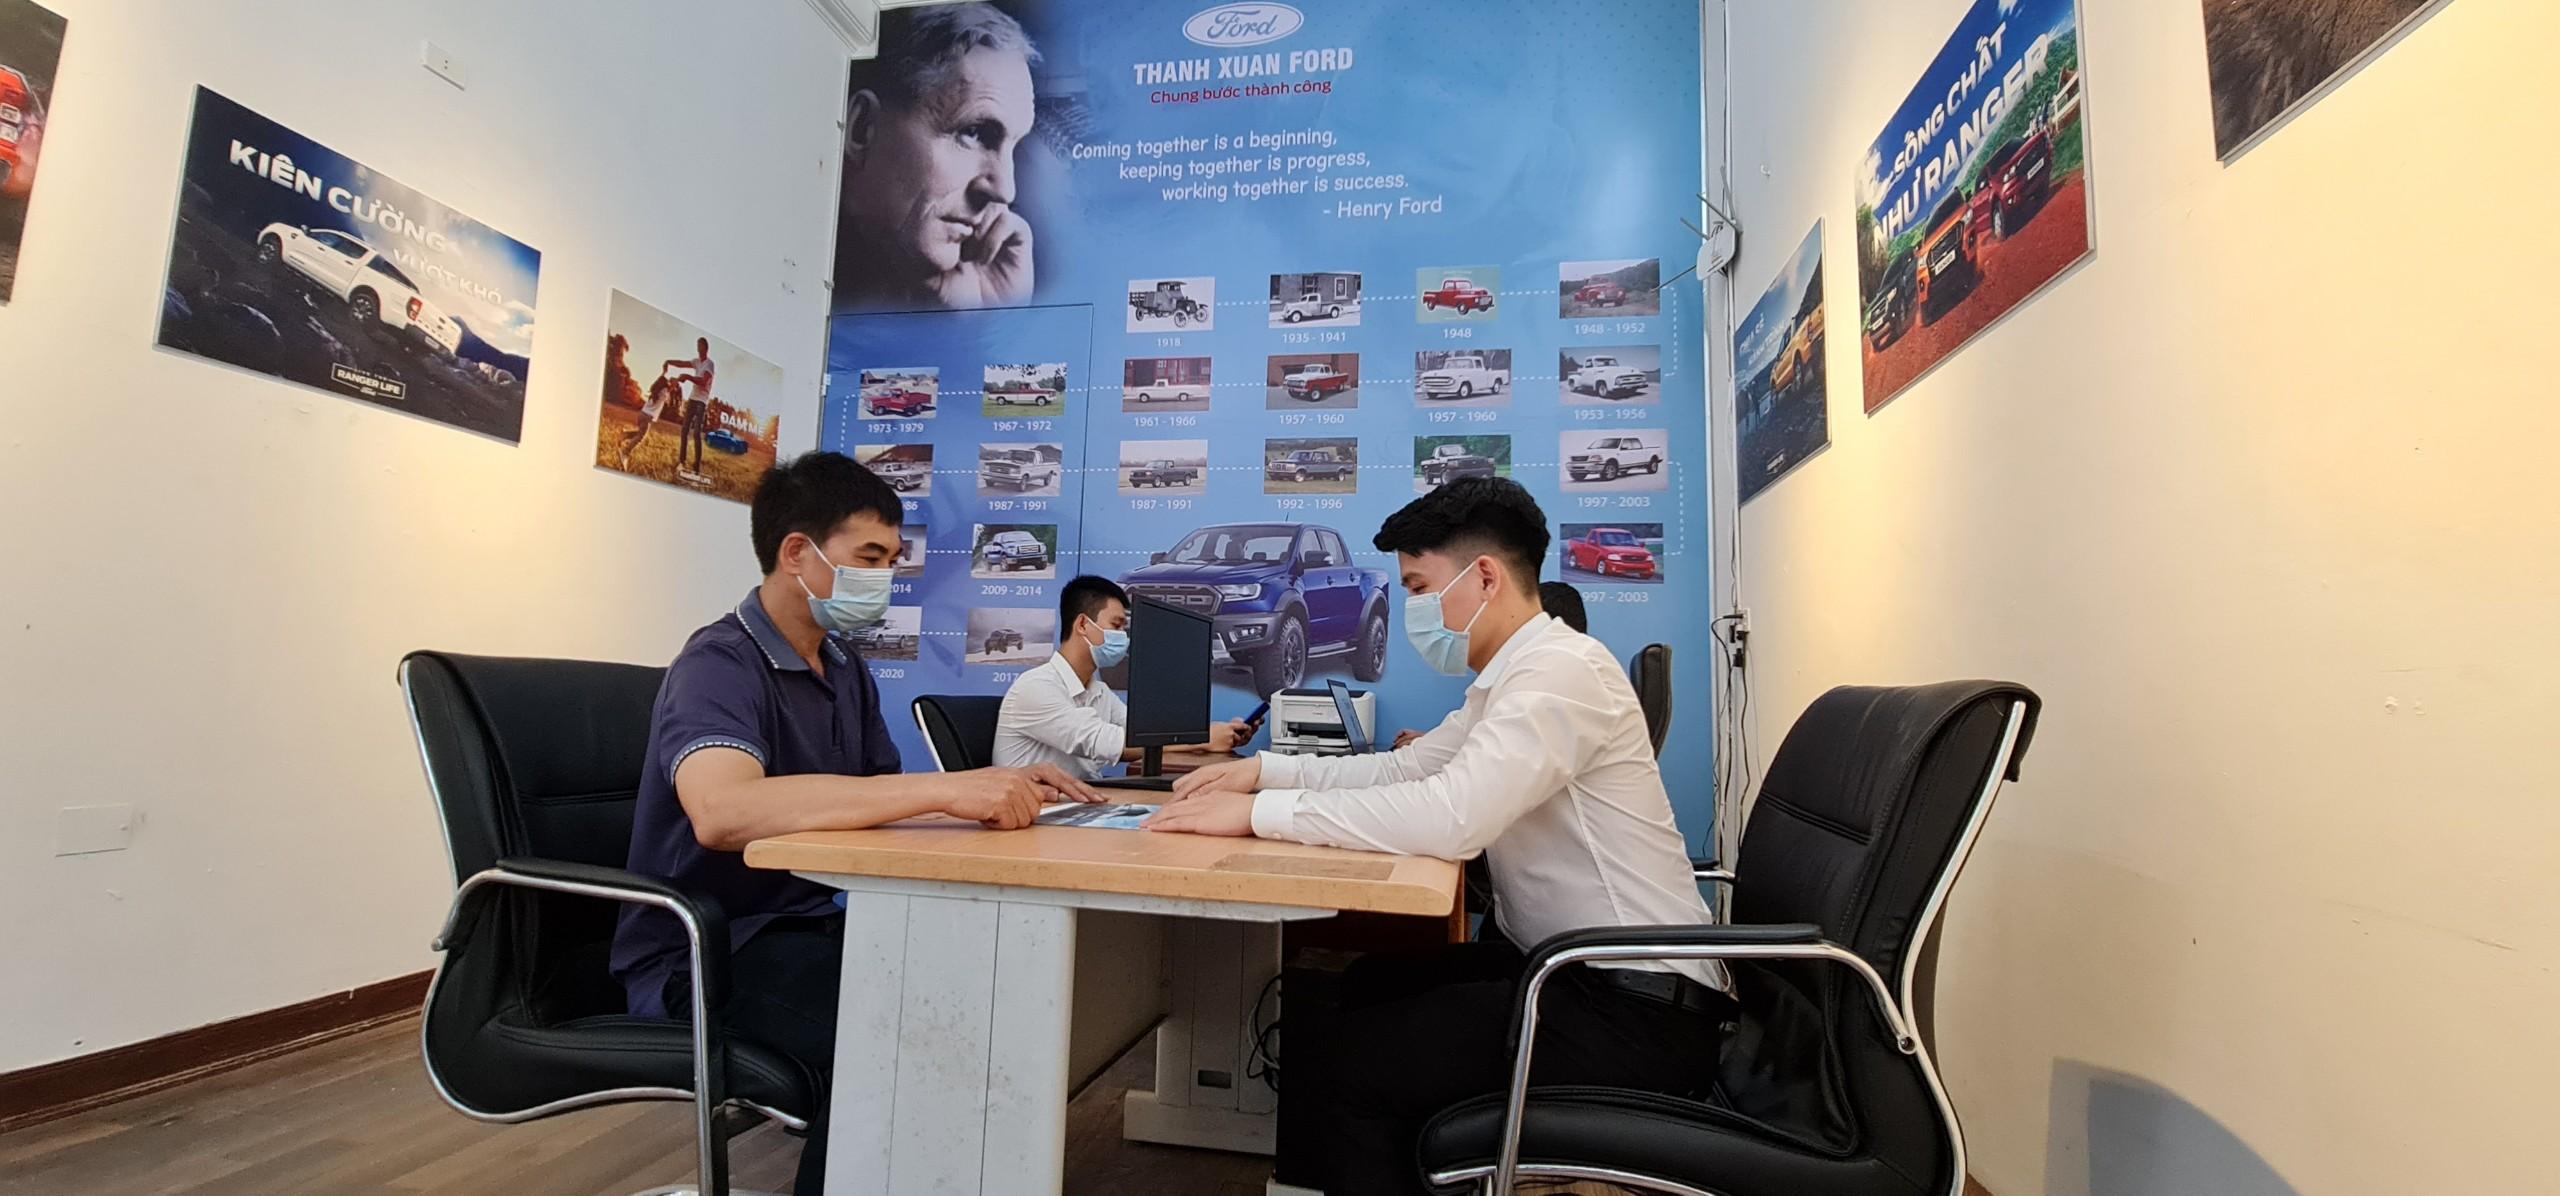 Khách hàng làm thủ tục mua xe tại Ford Hòa Bình